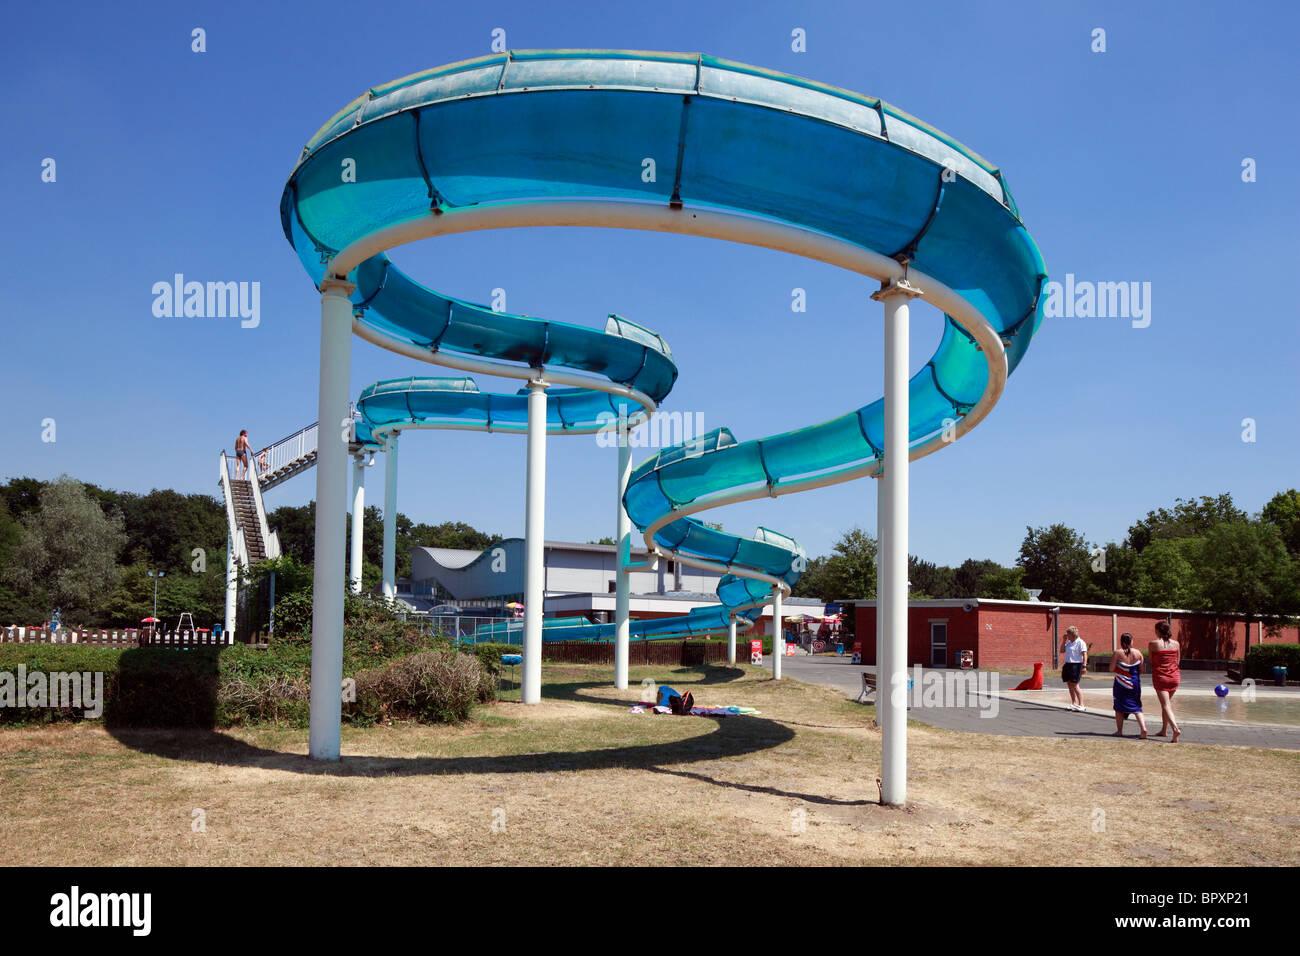 Paffrath Schwimmbad d bergisch gladbach bergisches land rhine westphalia stock